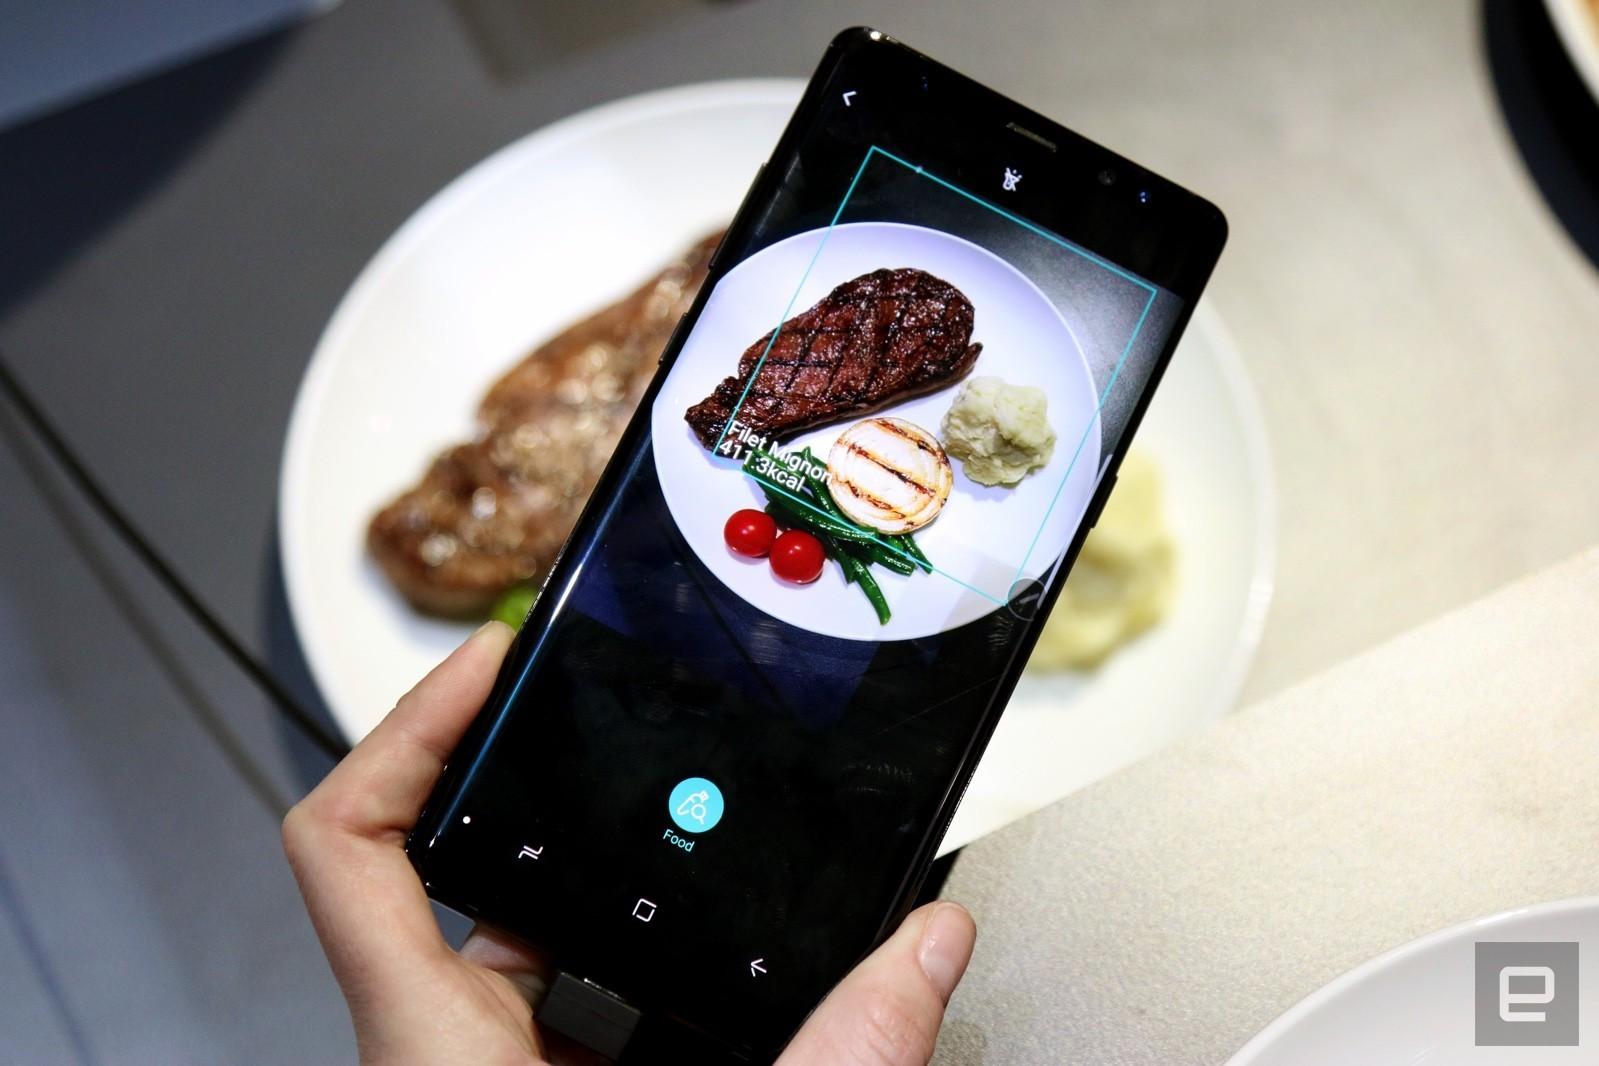 Samsung Bixby peggio del Dottor Nowzaradan? In futuro conterà le calorie del cibo